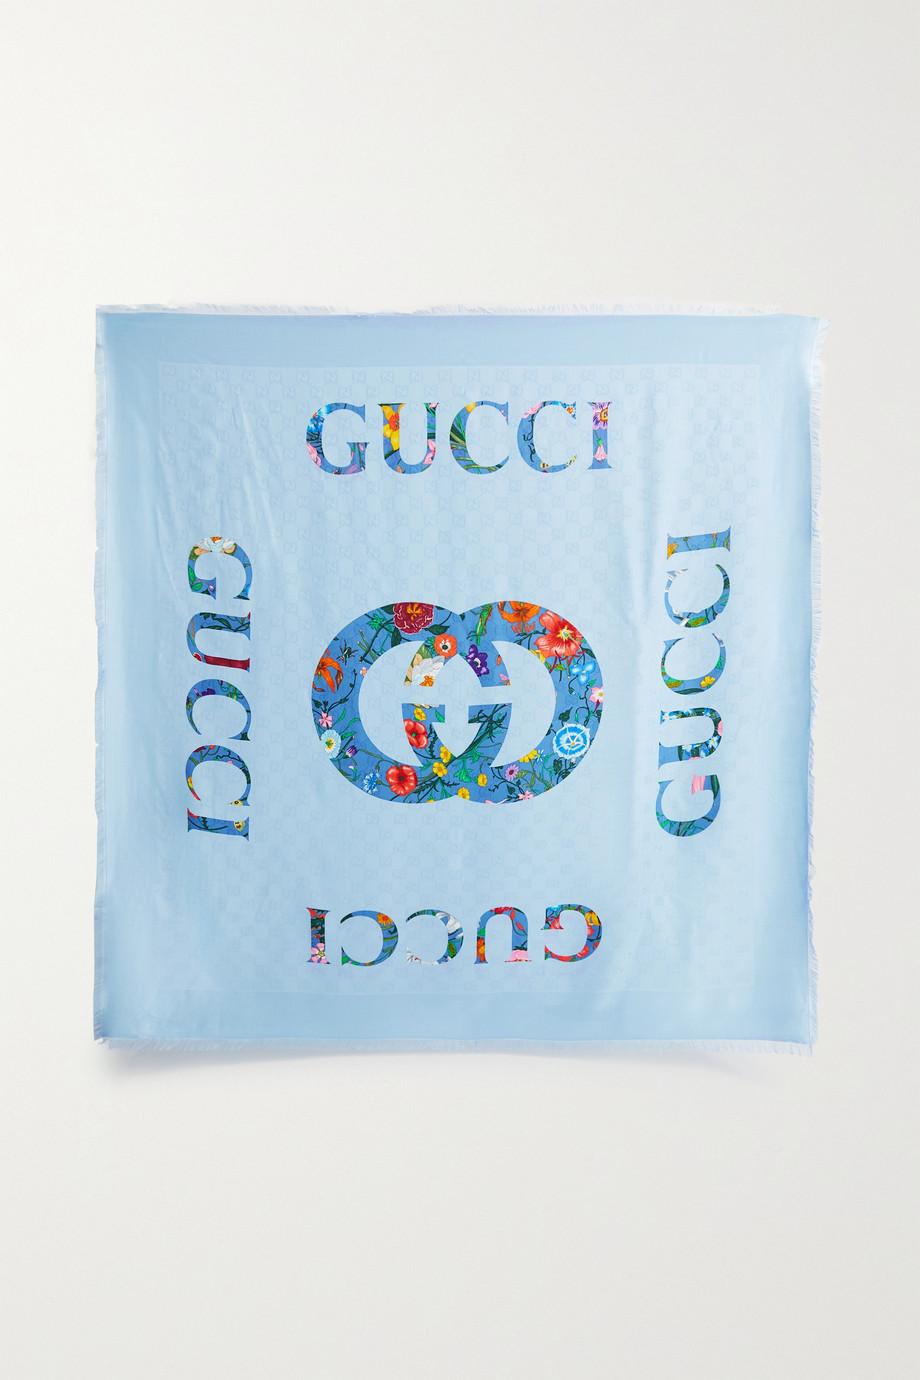 Gucci Châle en jacquard de serge satinée de modal mélangé imprimé